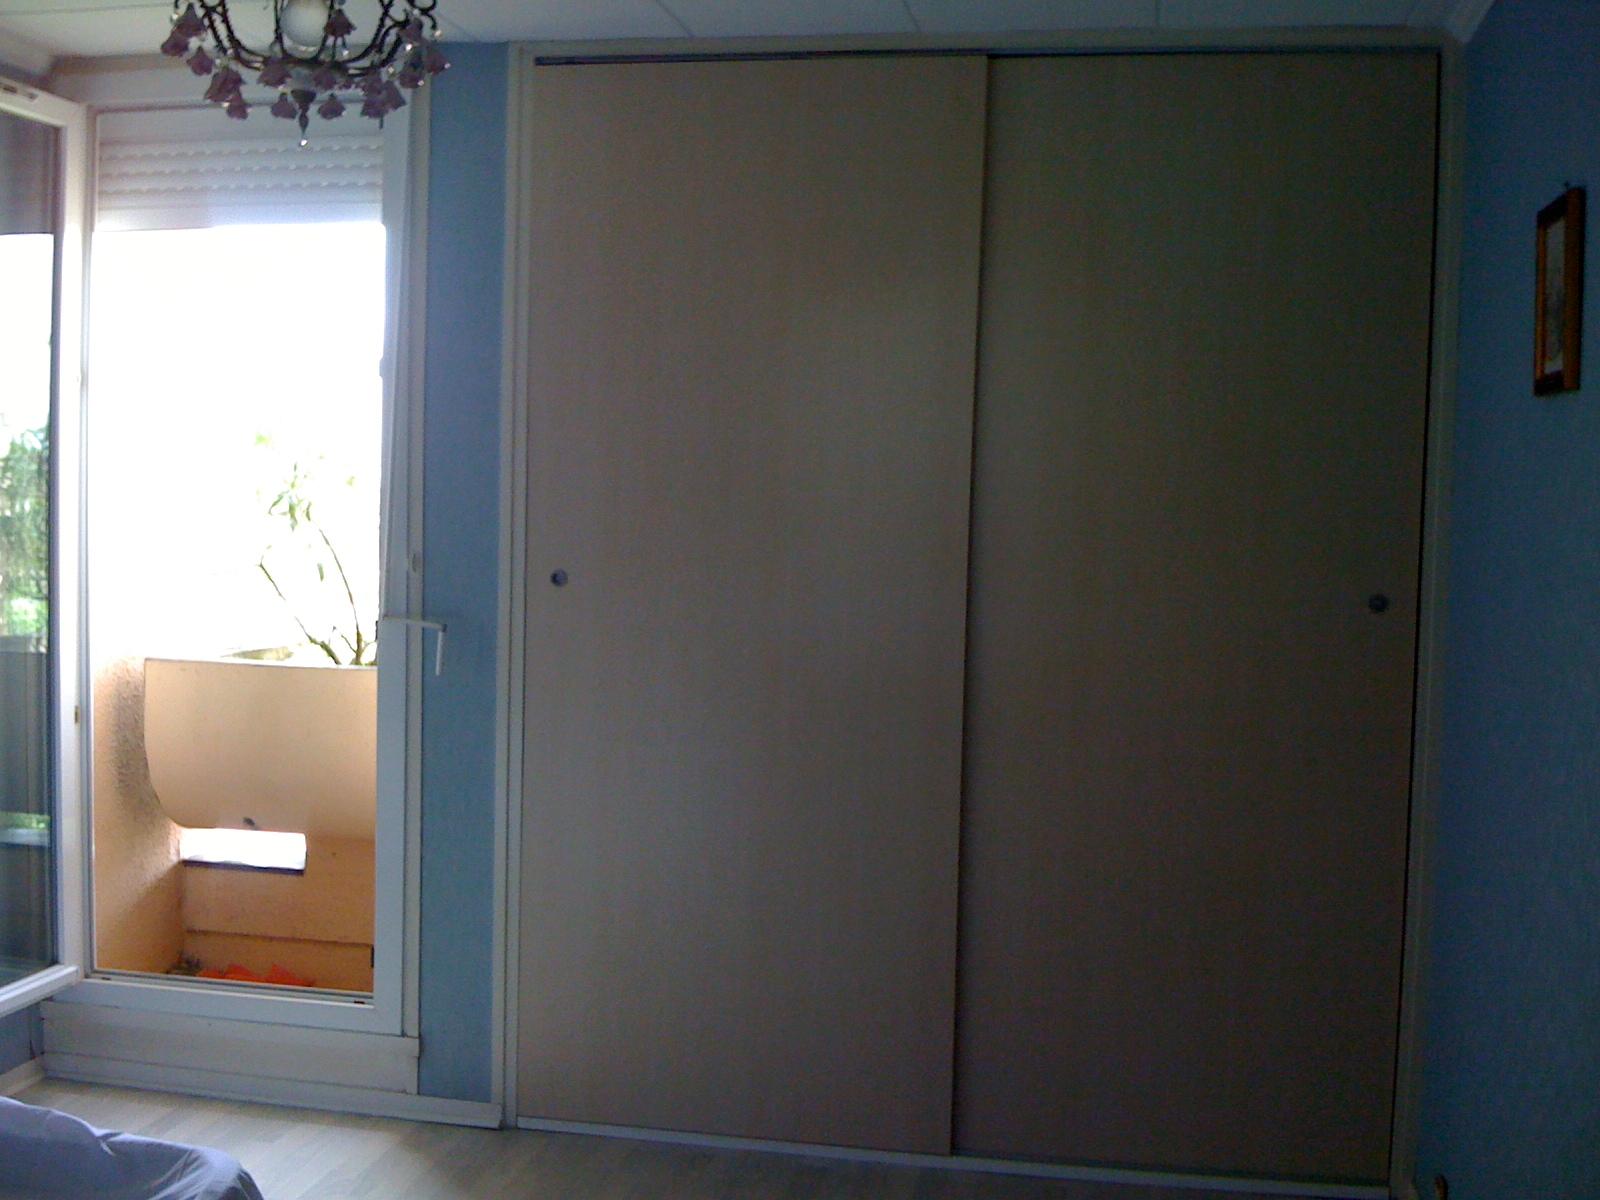 combien coute un dressing sur mesure combien coute un dressing sur mesure 2 avec quel prix pour. Black Bedroom Furniture Sets. Home Design Ideas